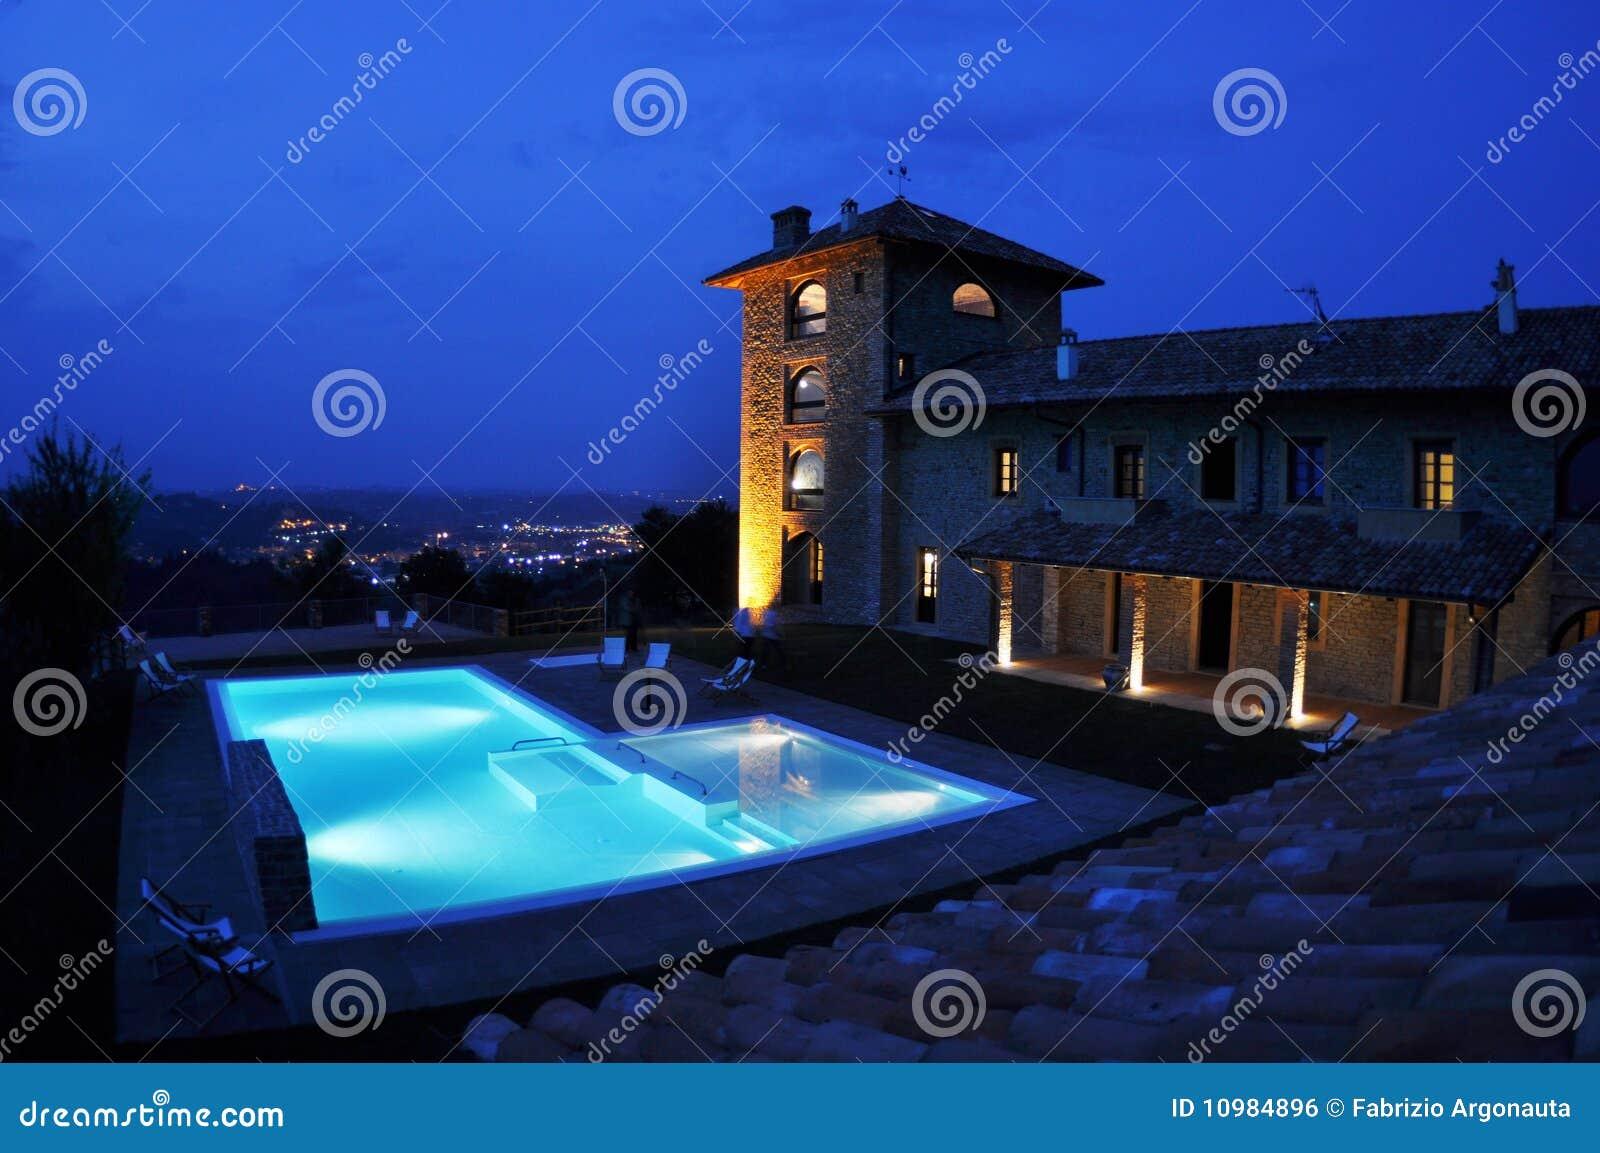 De pool van het hotel bij nacht